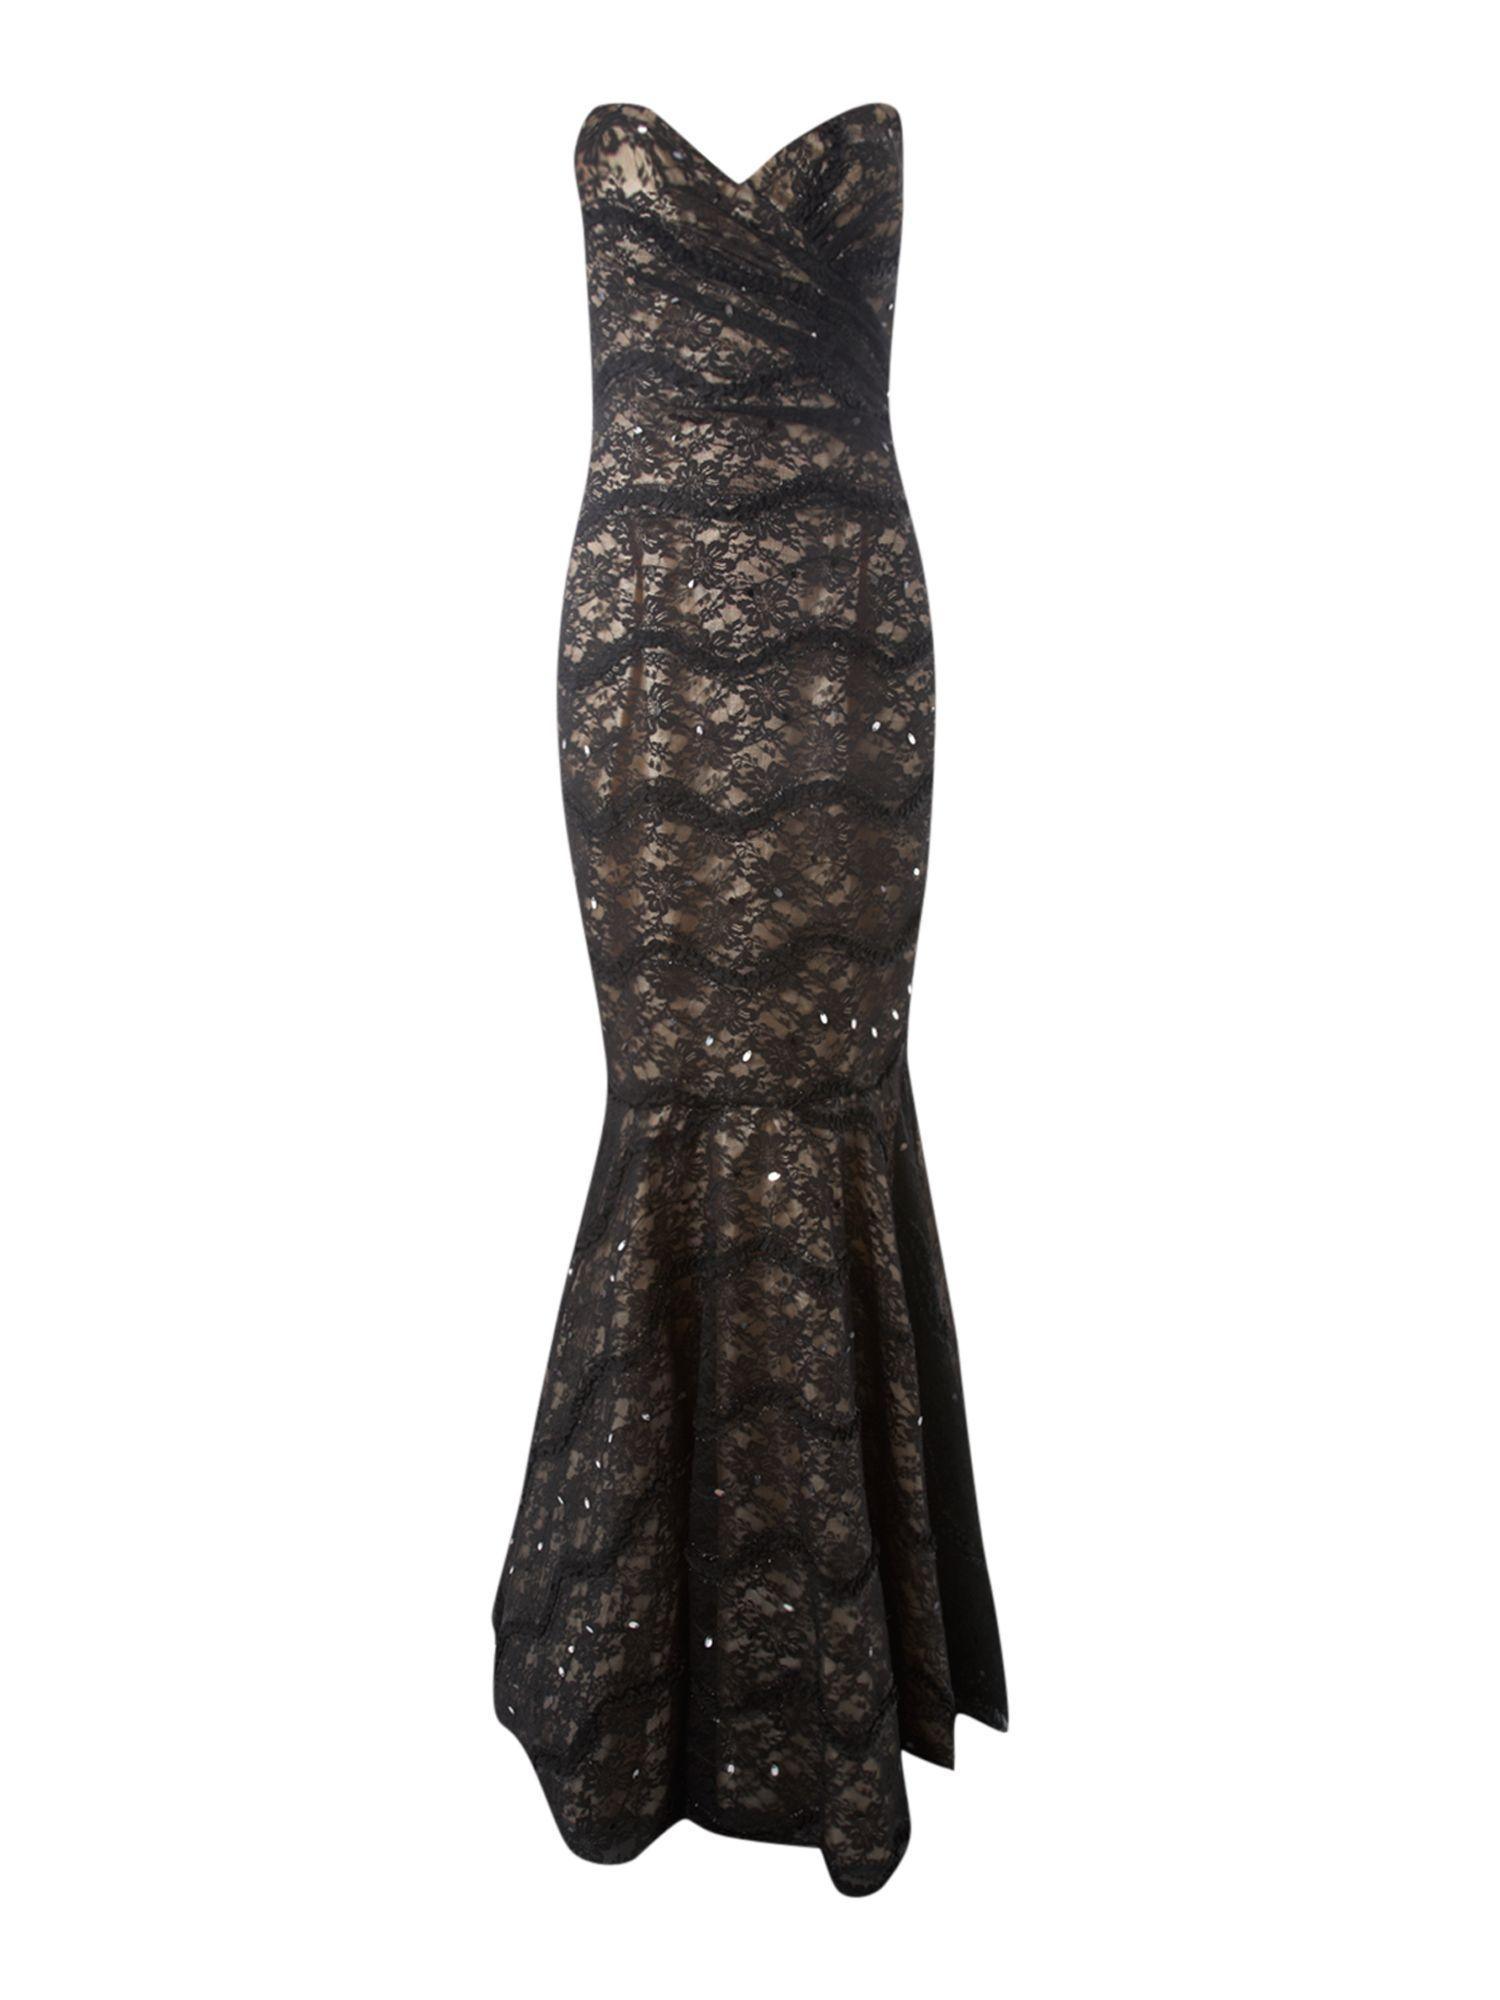 ace velvet fishtail dress | Tail dress